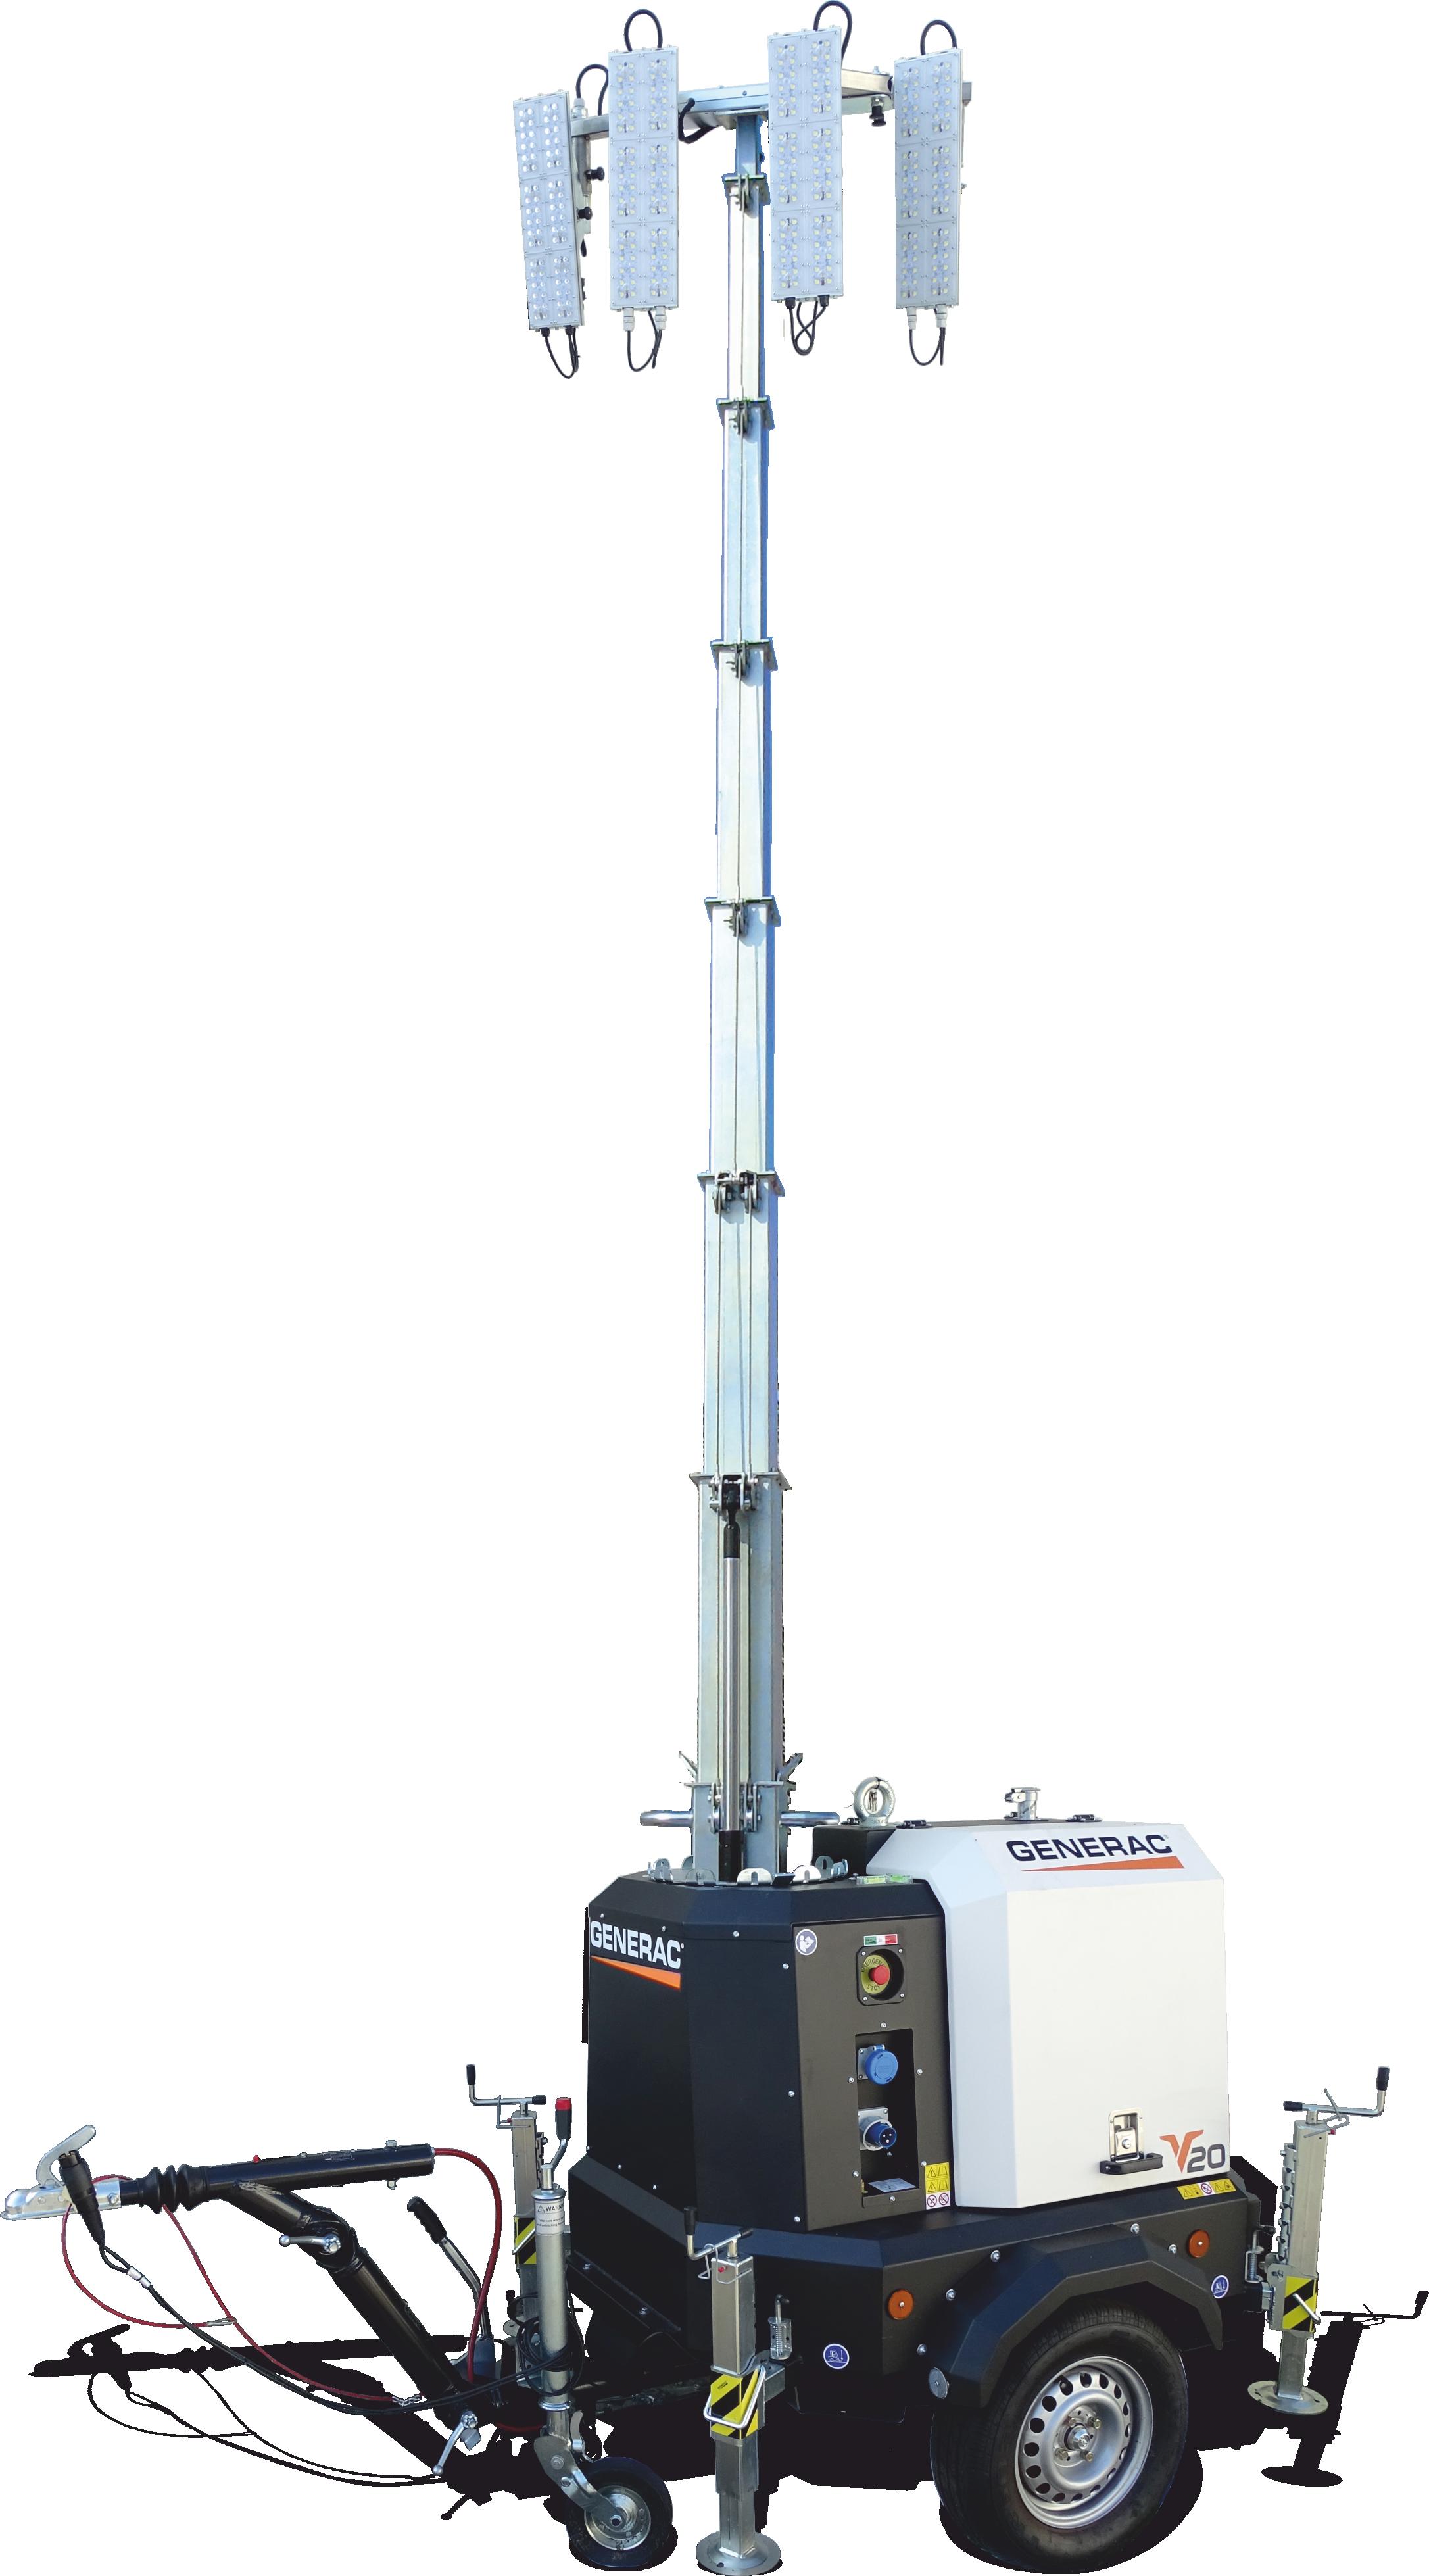 Zmiany w BM-Rent Generatory Prądotwórcze & Maszty Oświetleniowe